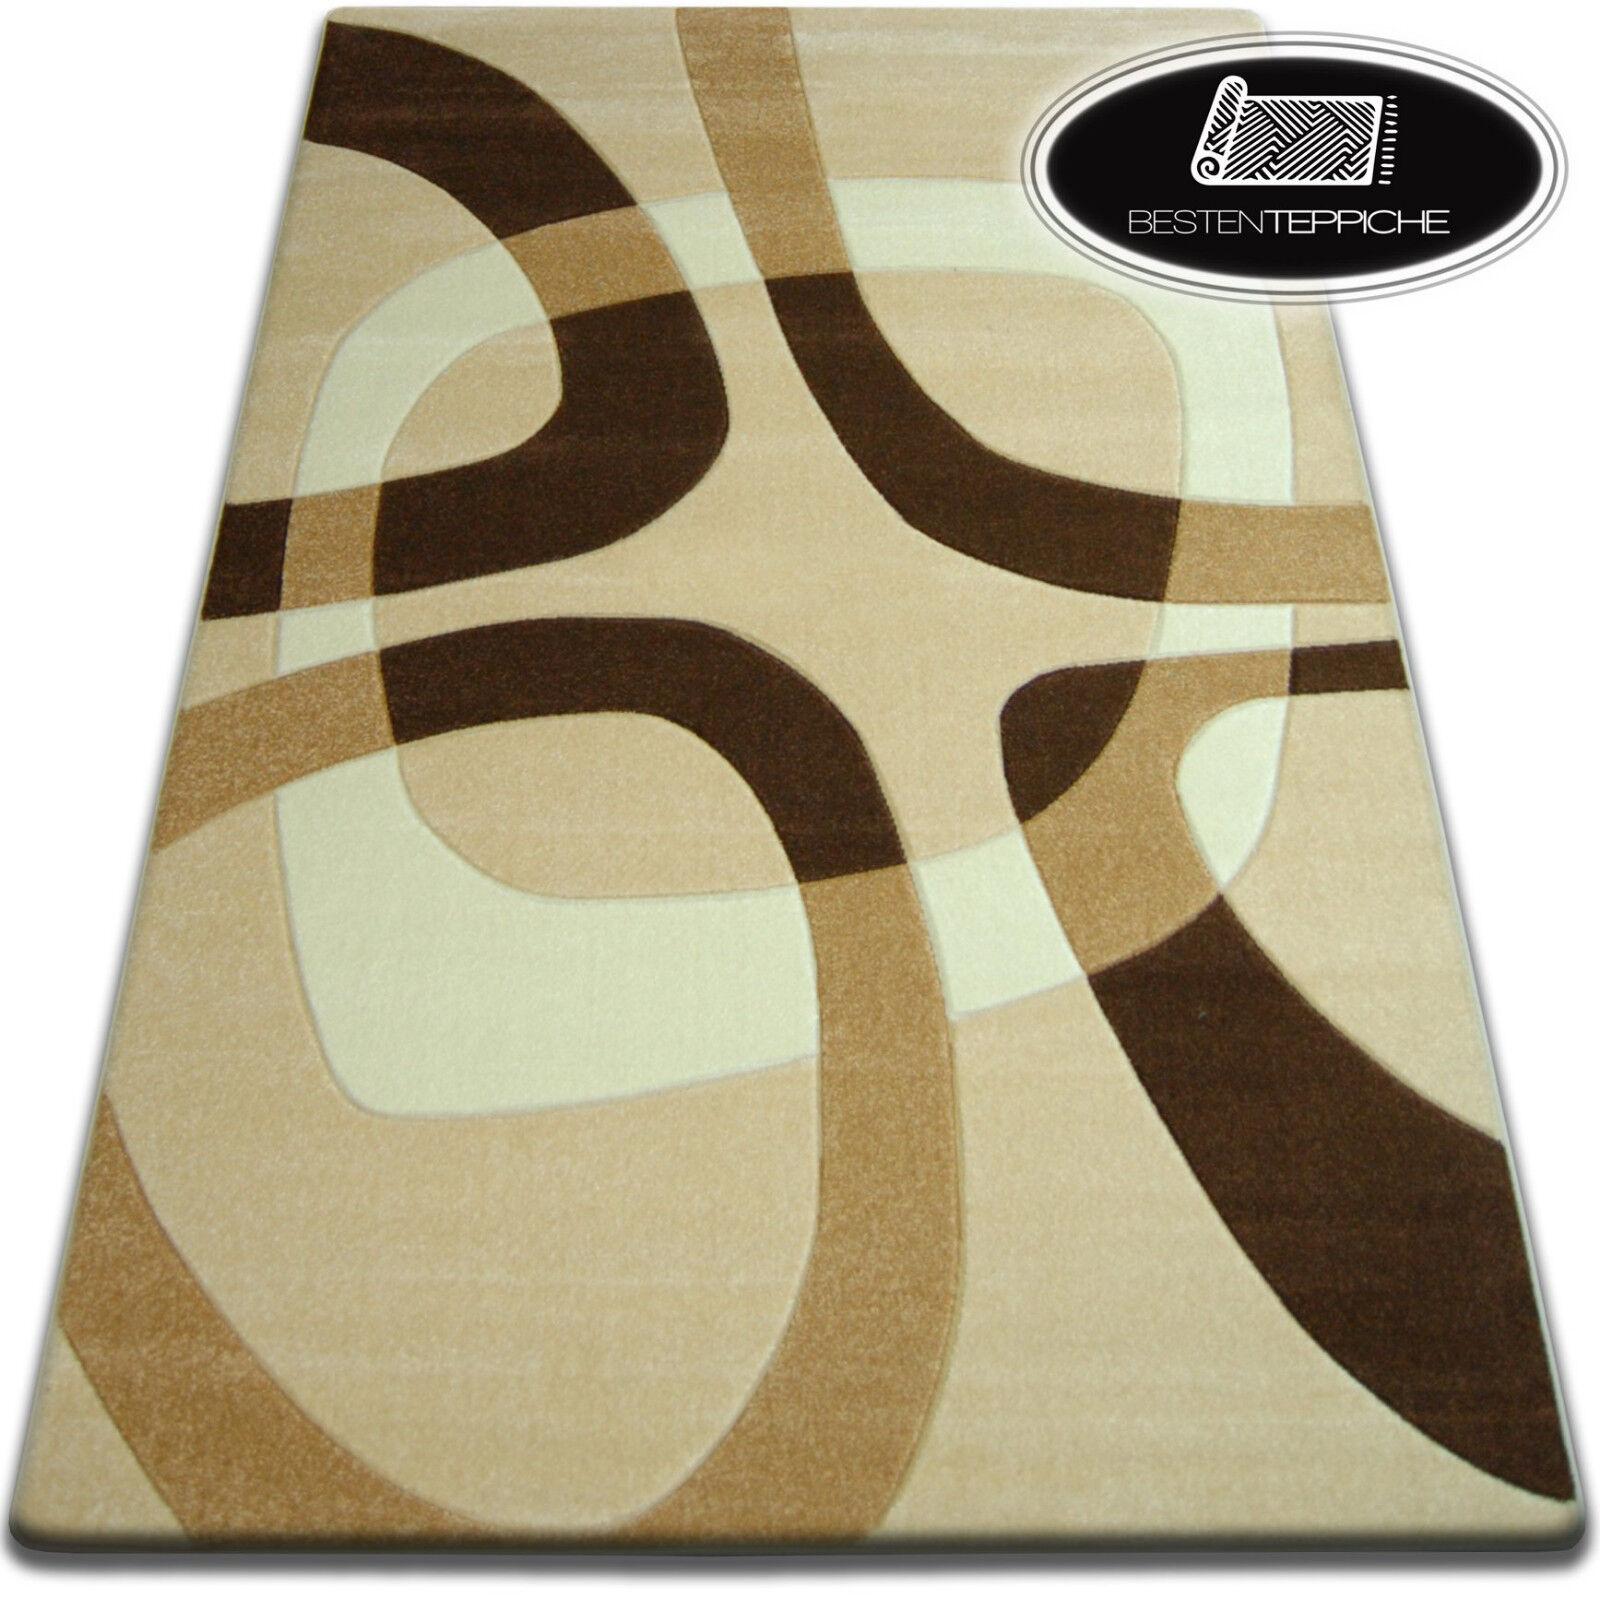 Trasla Coloreeei 10 dimensioni Modern astratto morbido tappeto FOCUS f242 aglio Top